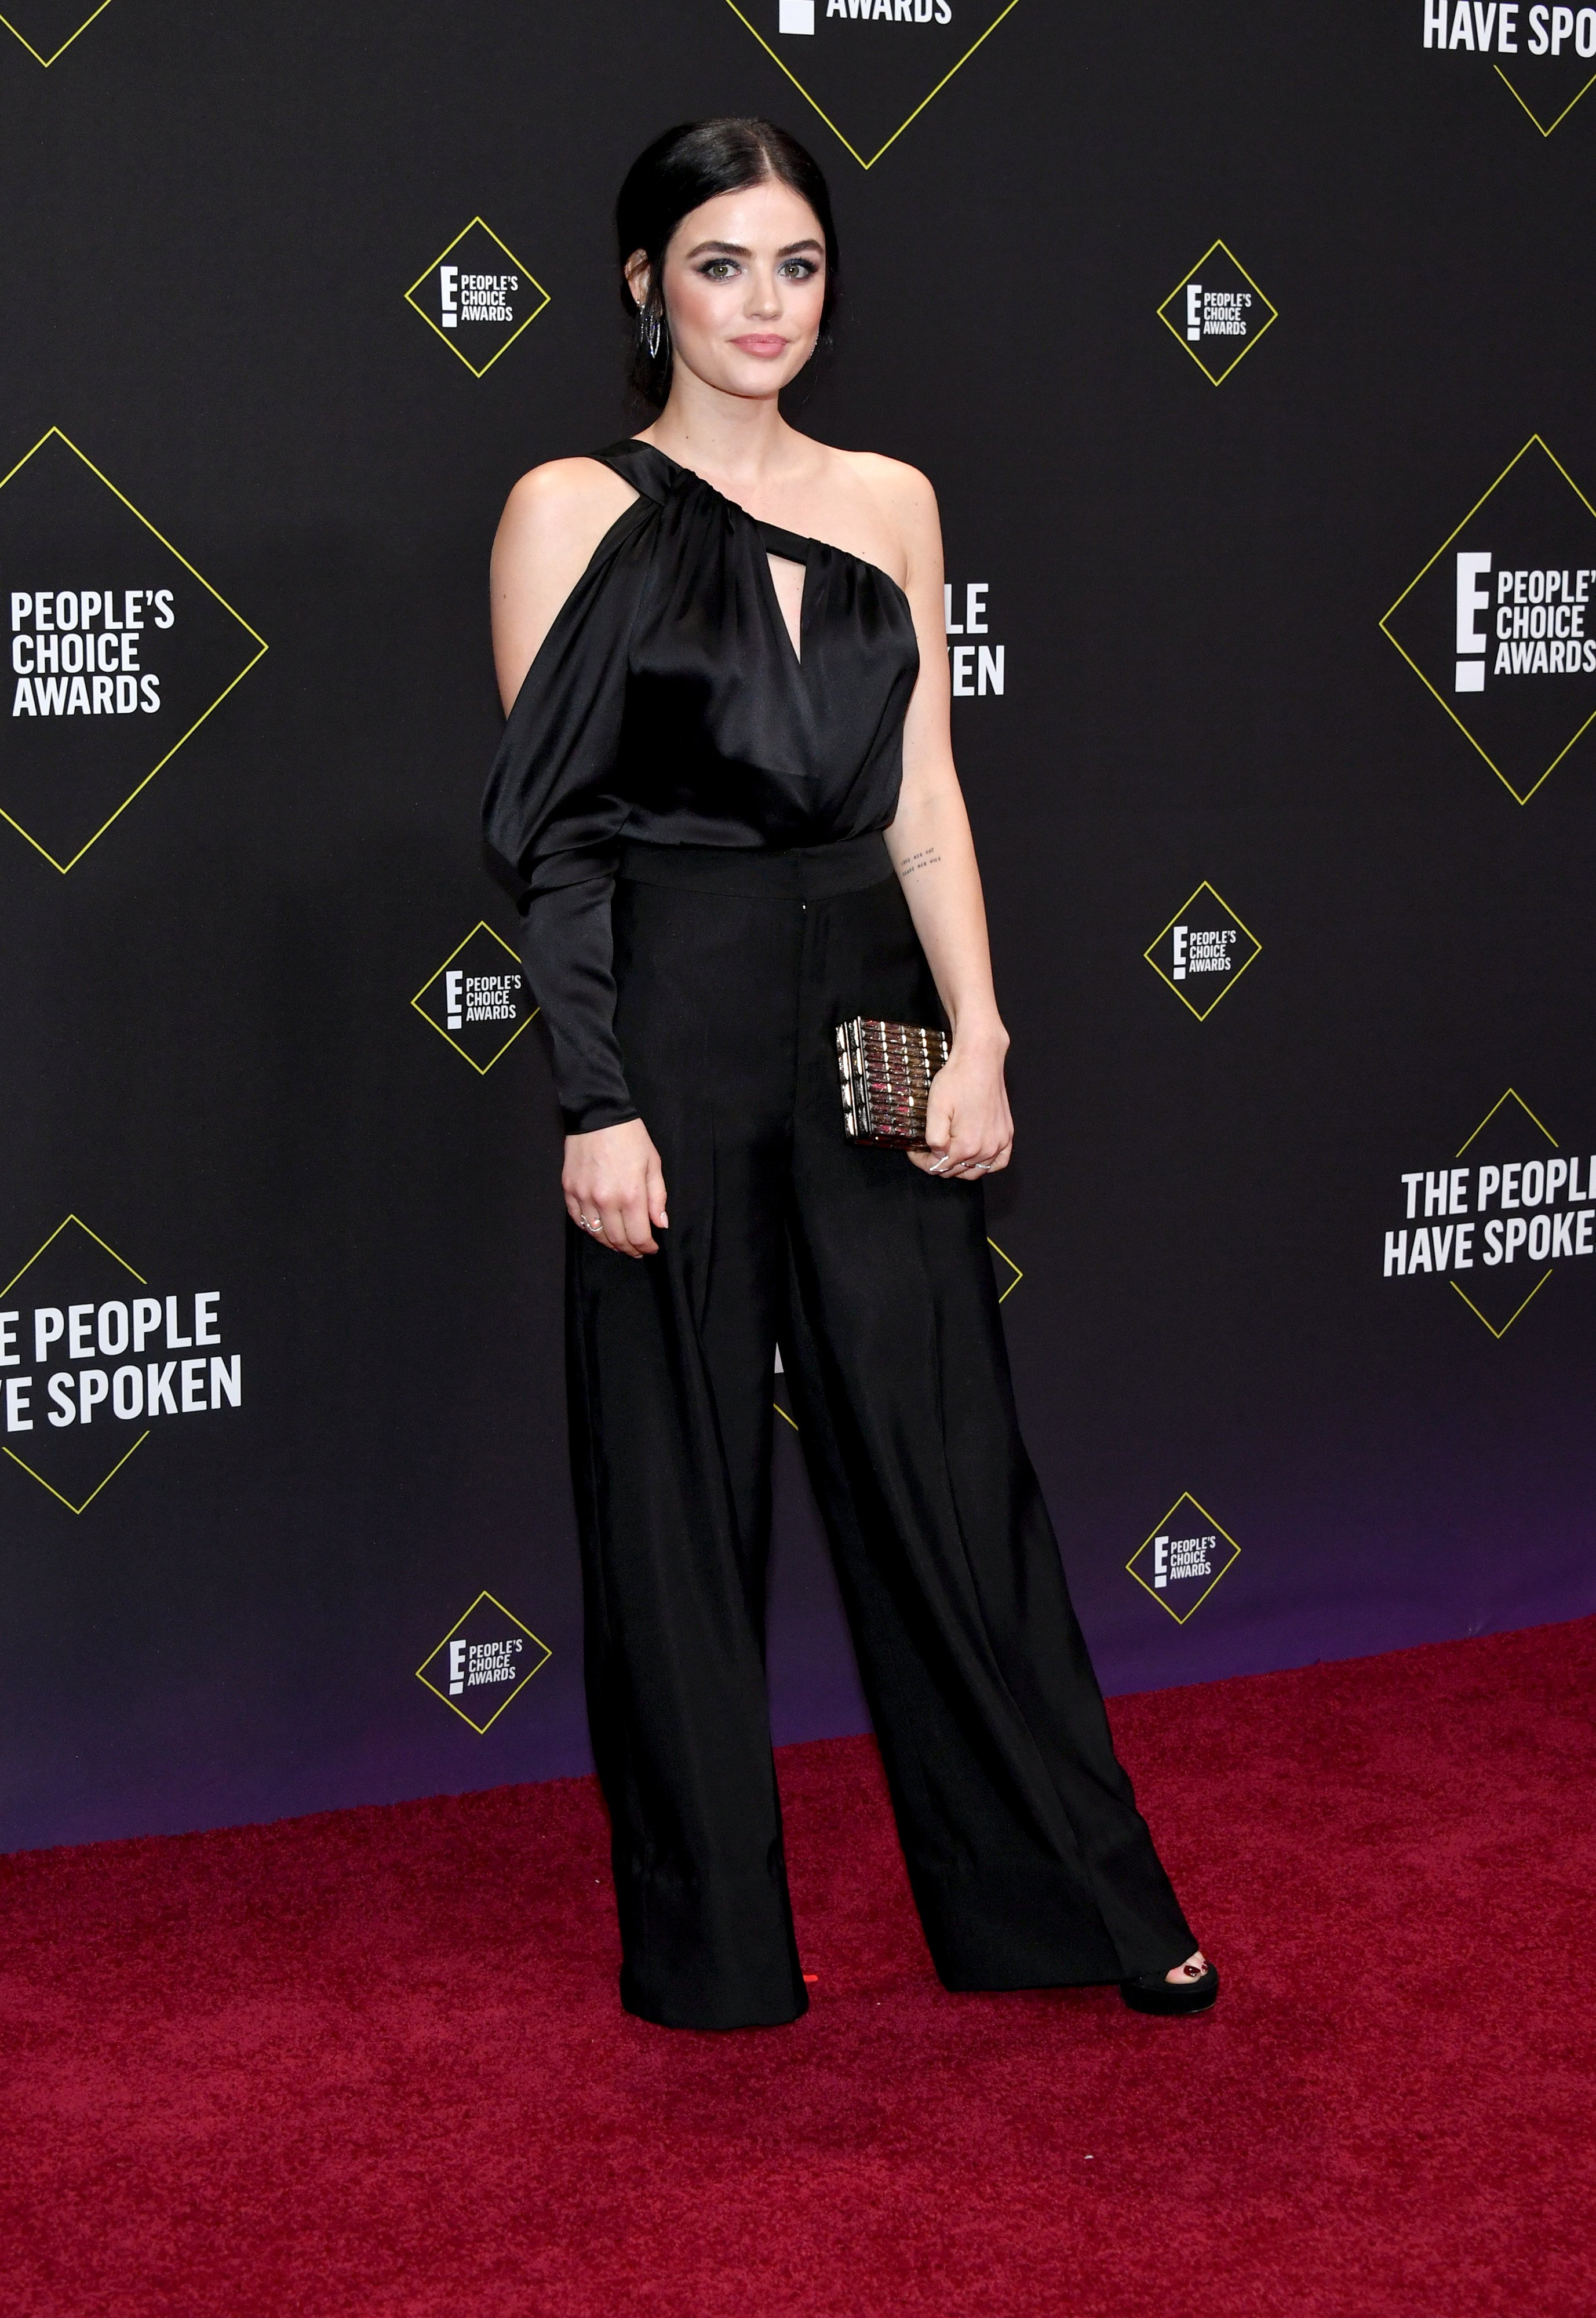 La alfombra roja de los People's Choice Awards 2019